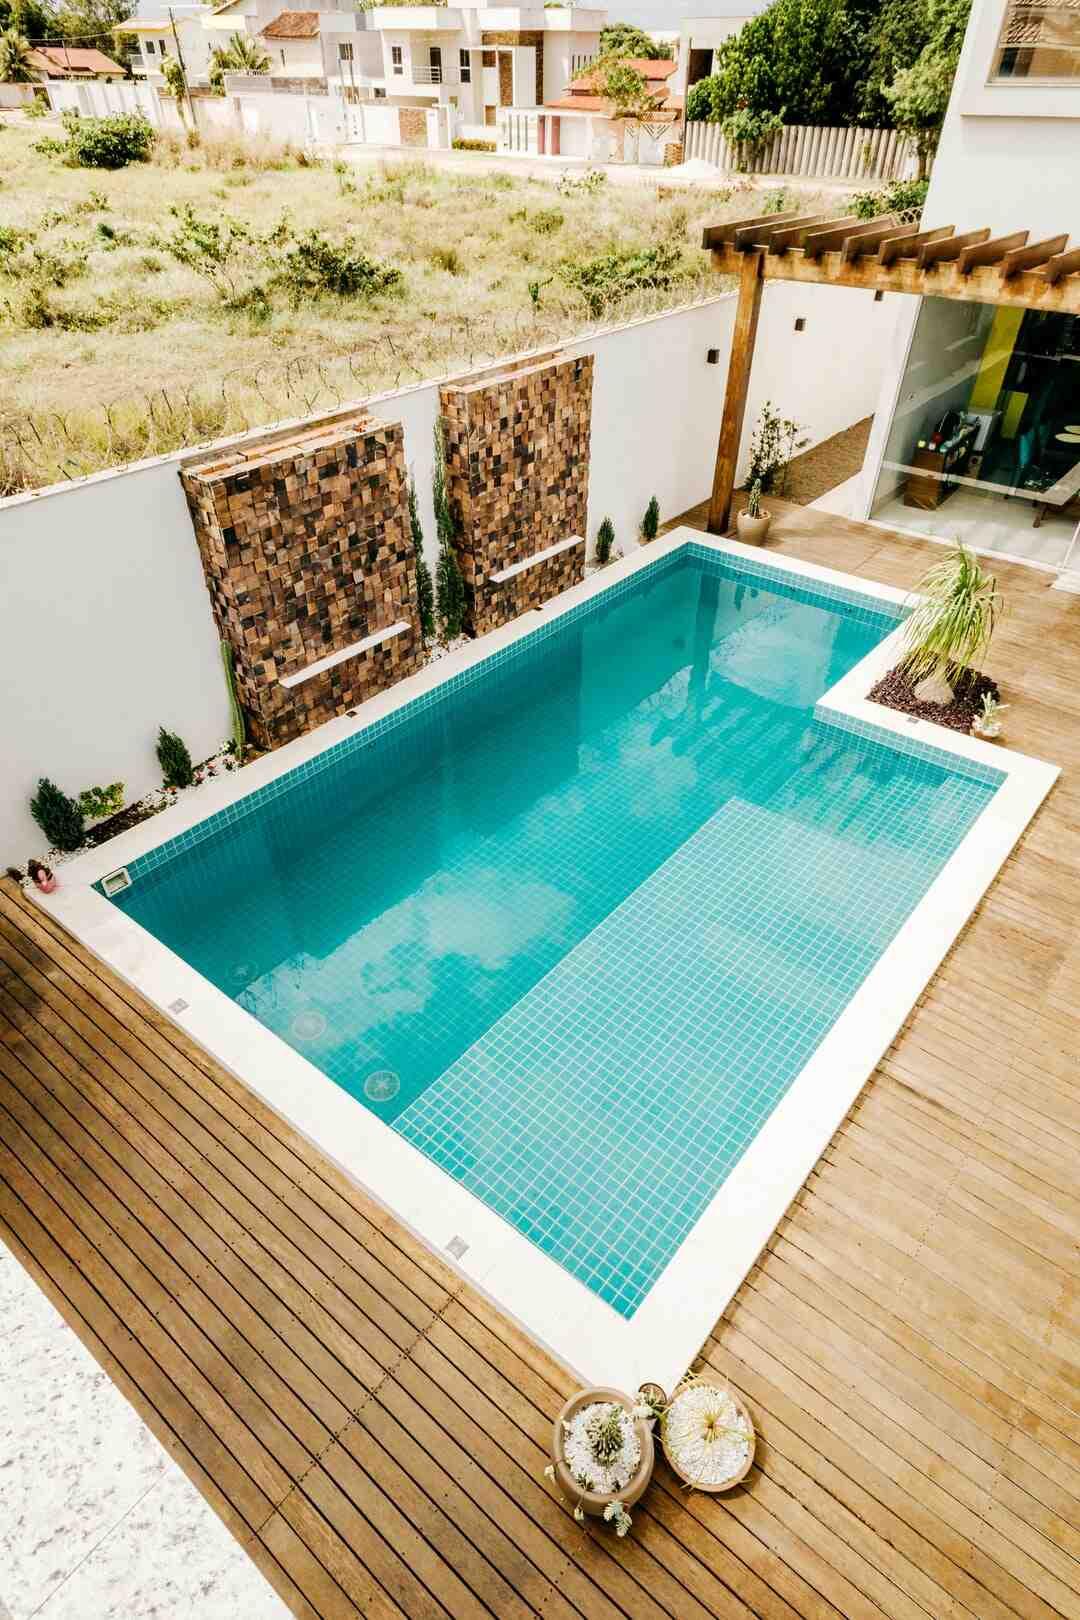 Comment faire une terrasse de jardin pas cher ?